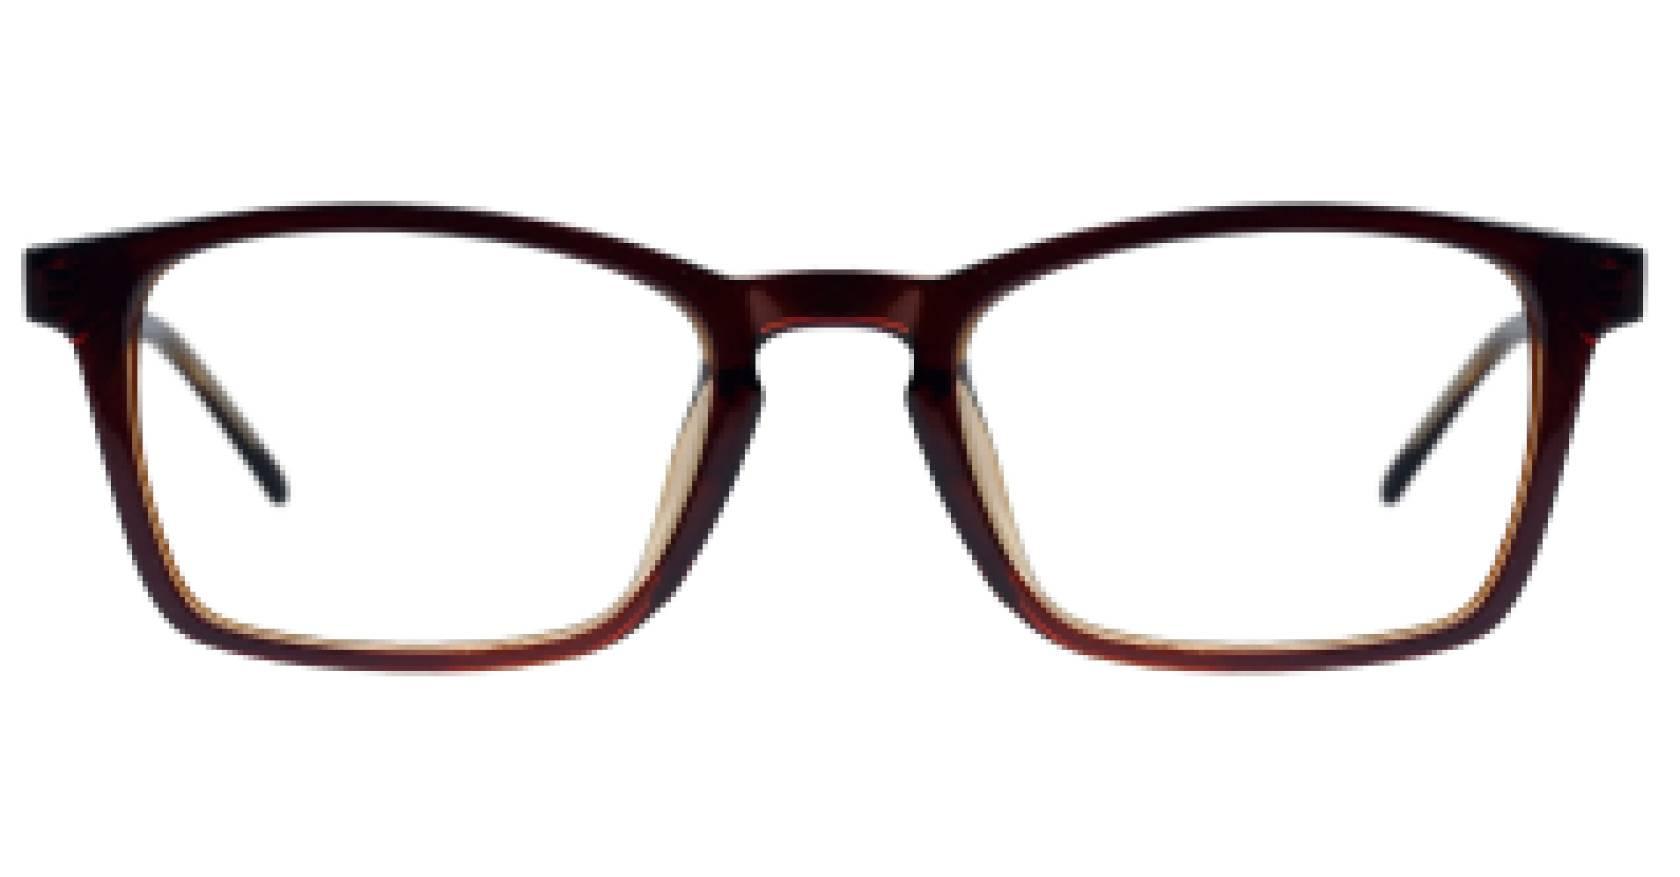 imagen miniatura frontal de la referencia 100457